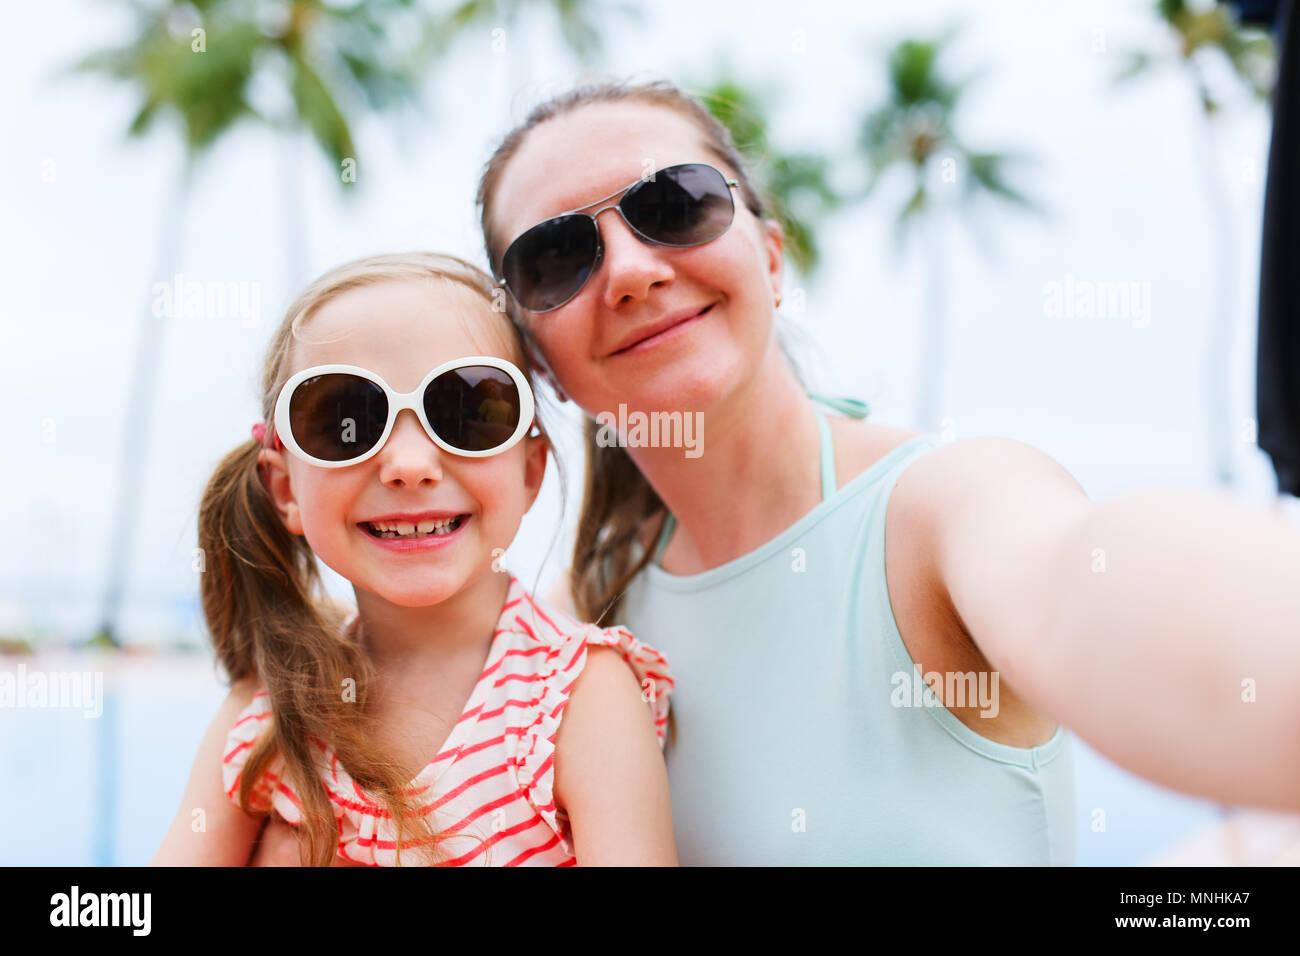 Famille heureuse mère et son adorable petite fille en vacances en tenant avec smartphone selfies Banque D'Images